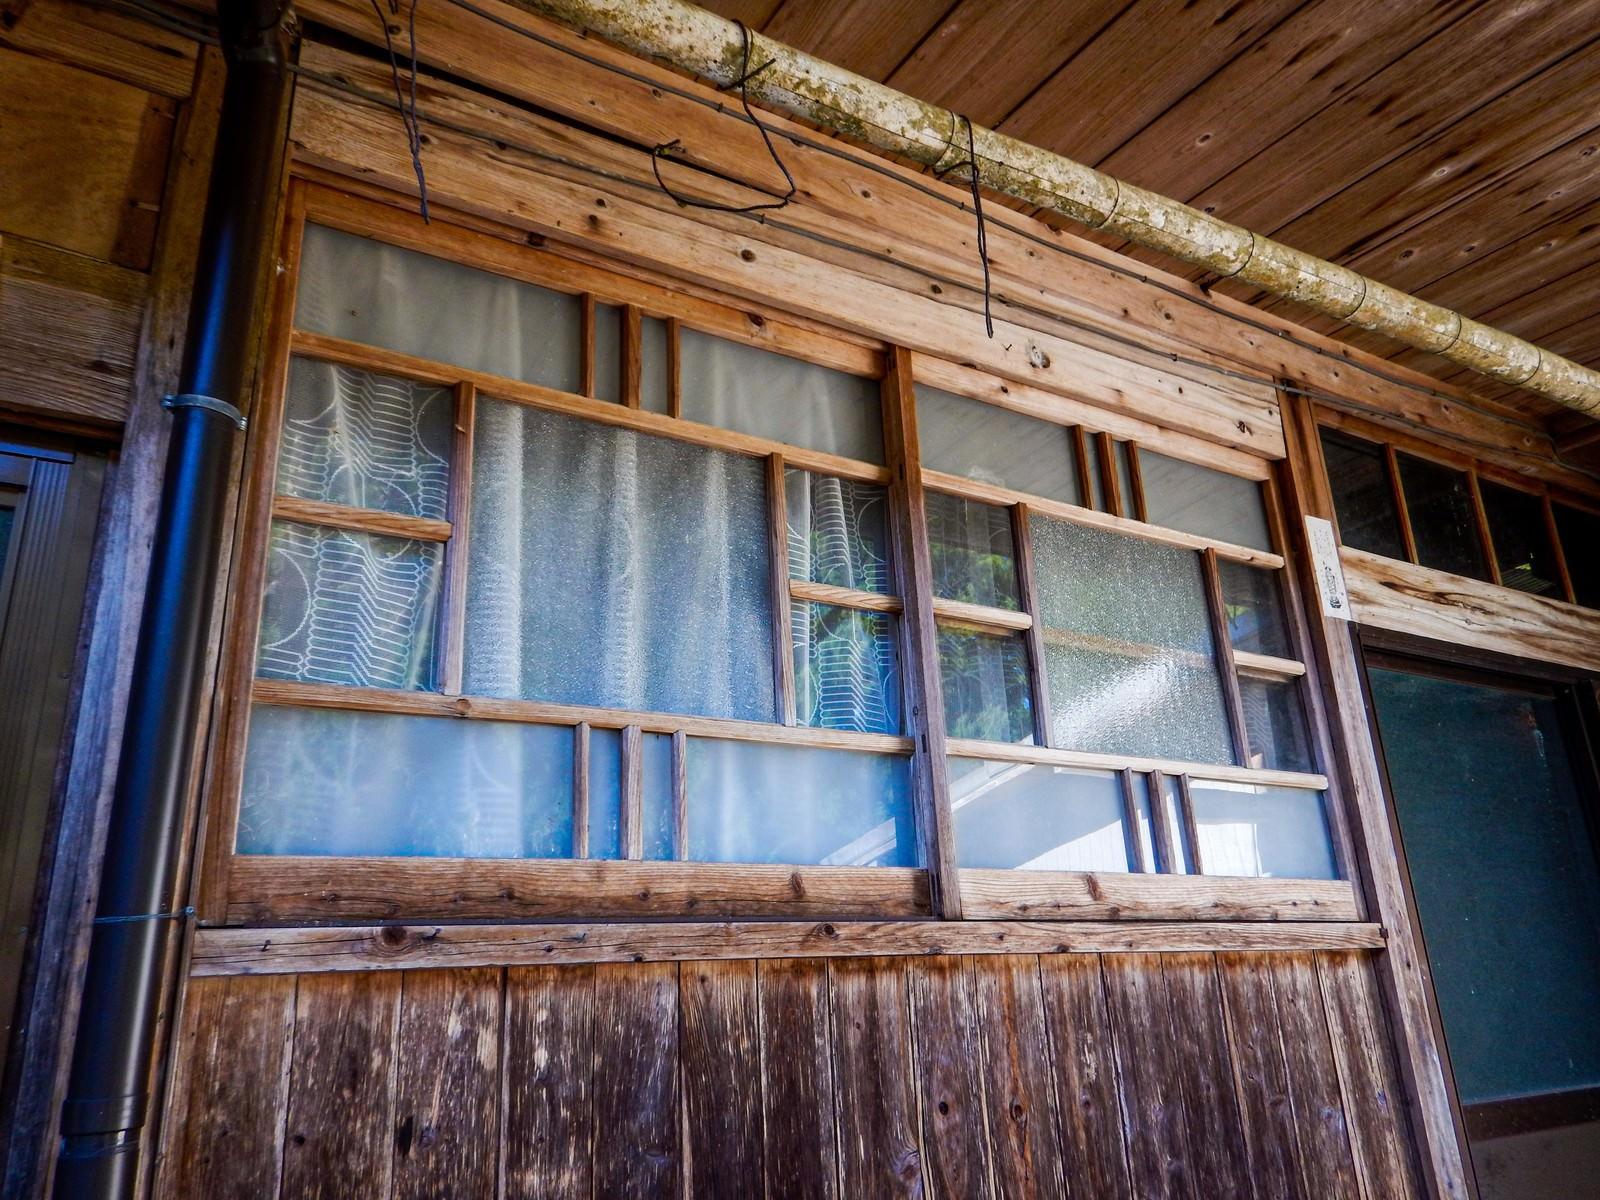 「廃屋の軒下にある窓」の写真